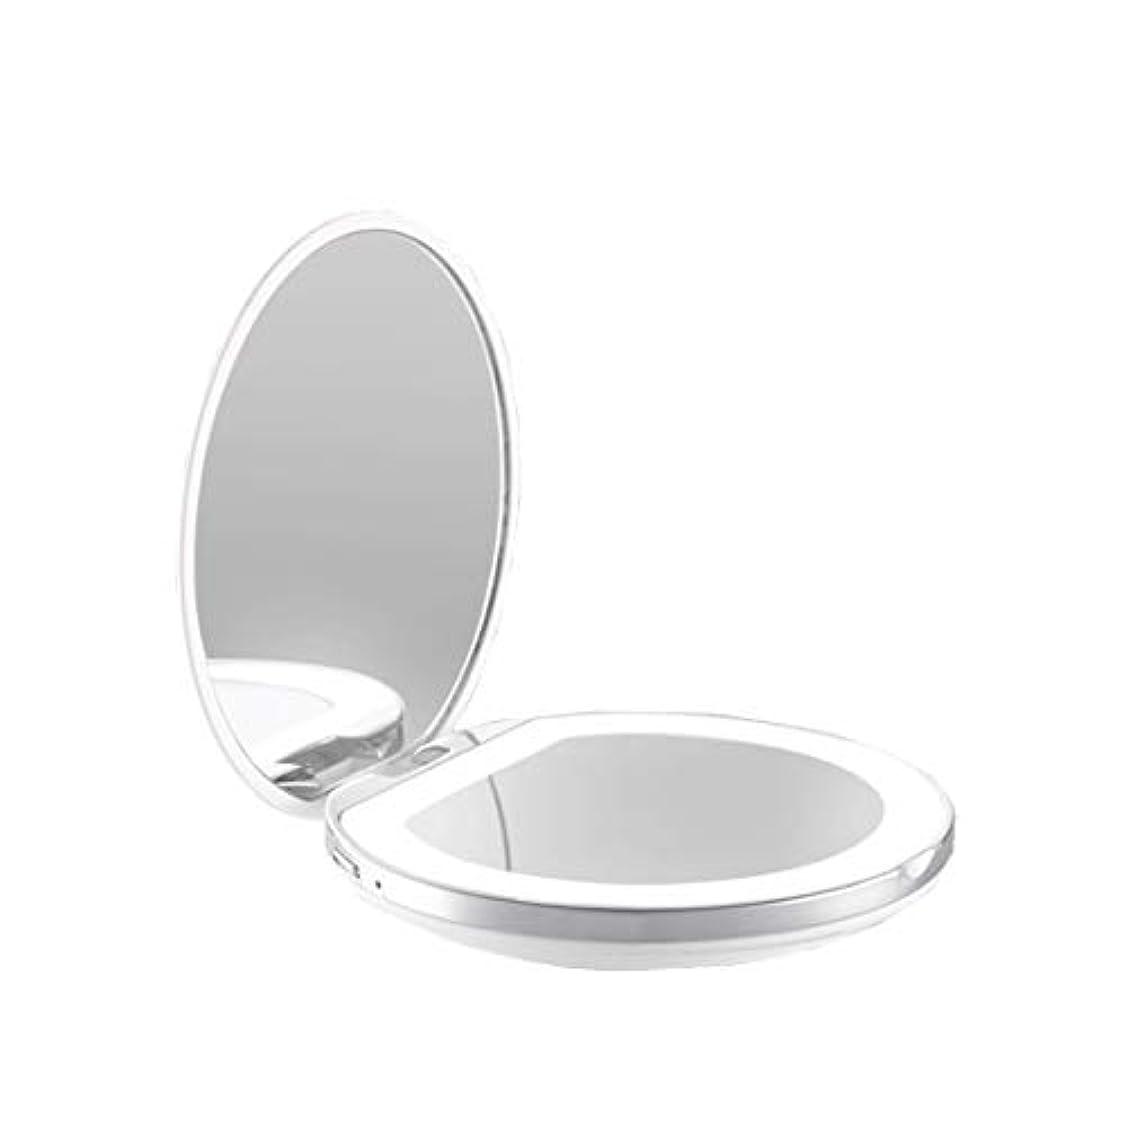 マイナー是正貞手鏡 両面鏡 ライト付きミラー 女優ミラー 3倍拡大鏡付き お姫様 ミラー おしゃれ 卓上 LEDライト 化粧鏡 コンパクト 折り畳み式 スタンドミラー 角度調整